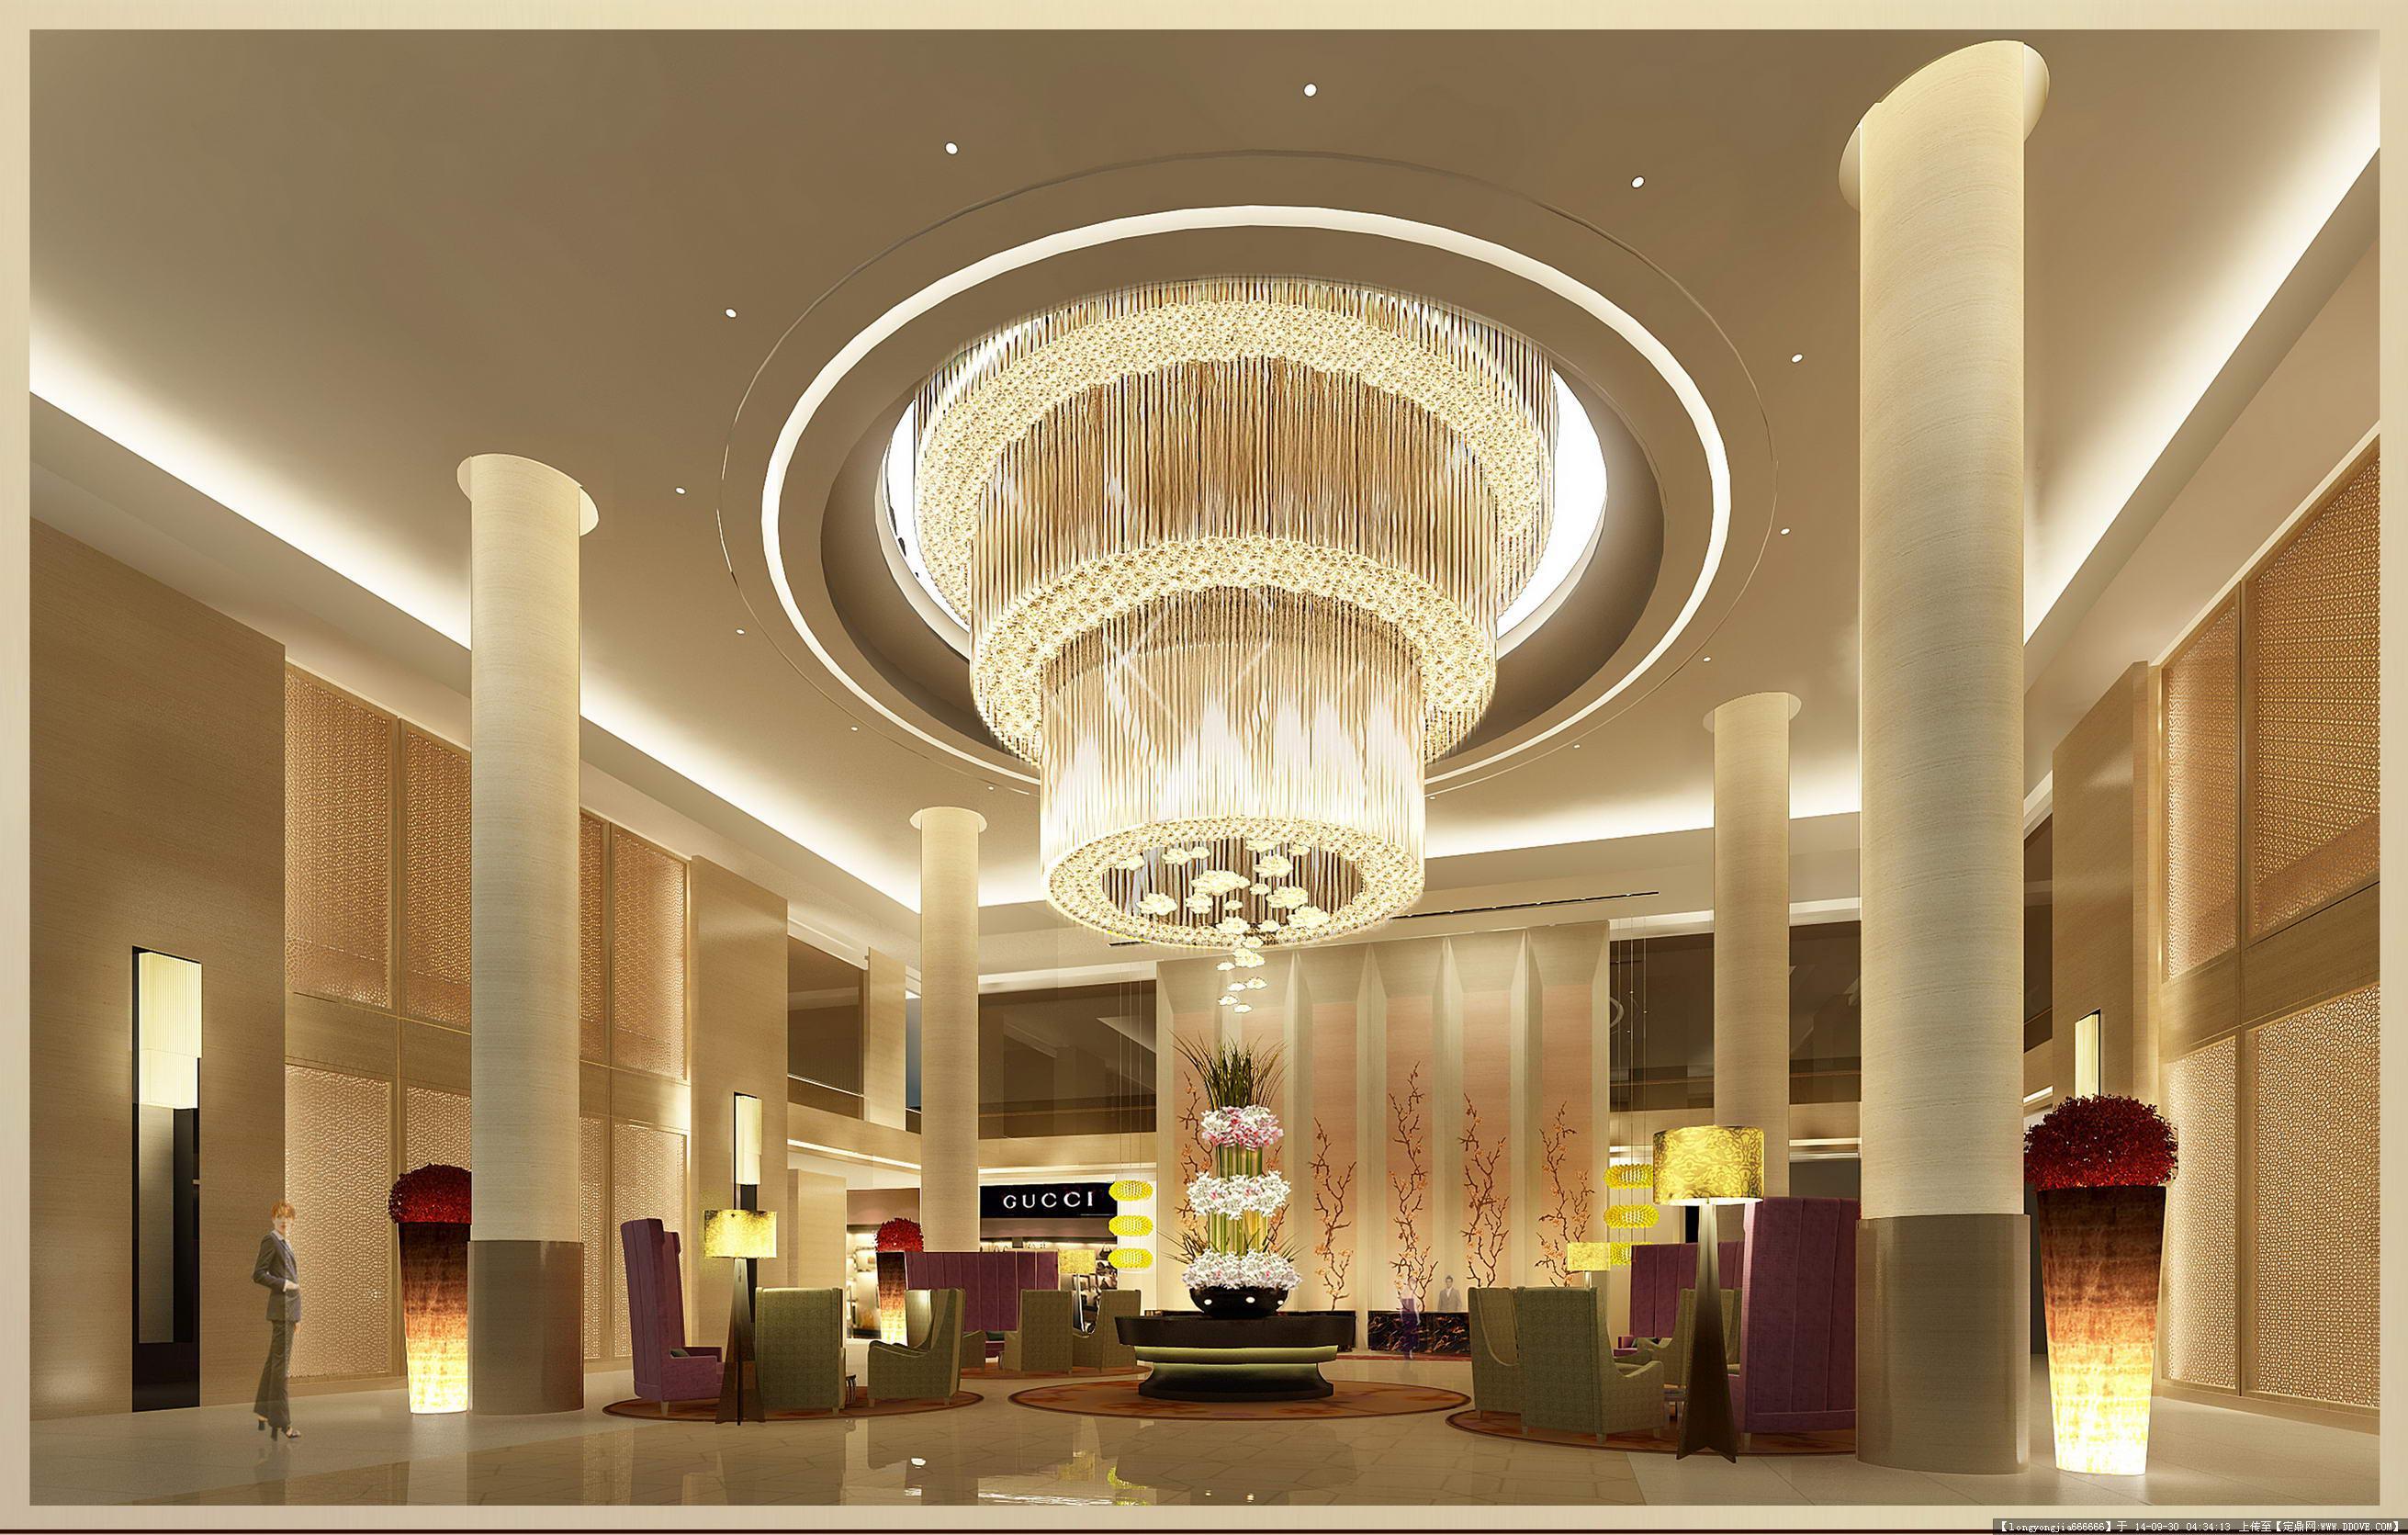 酒店大堂室内设计经典效果图 002